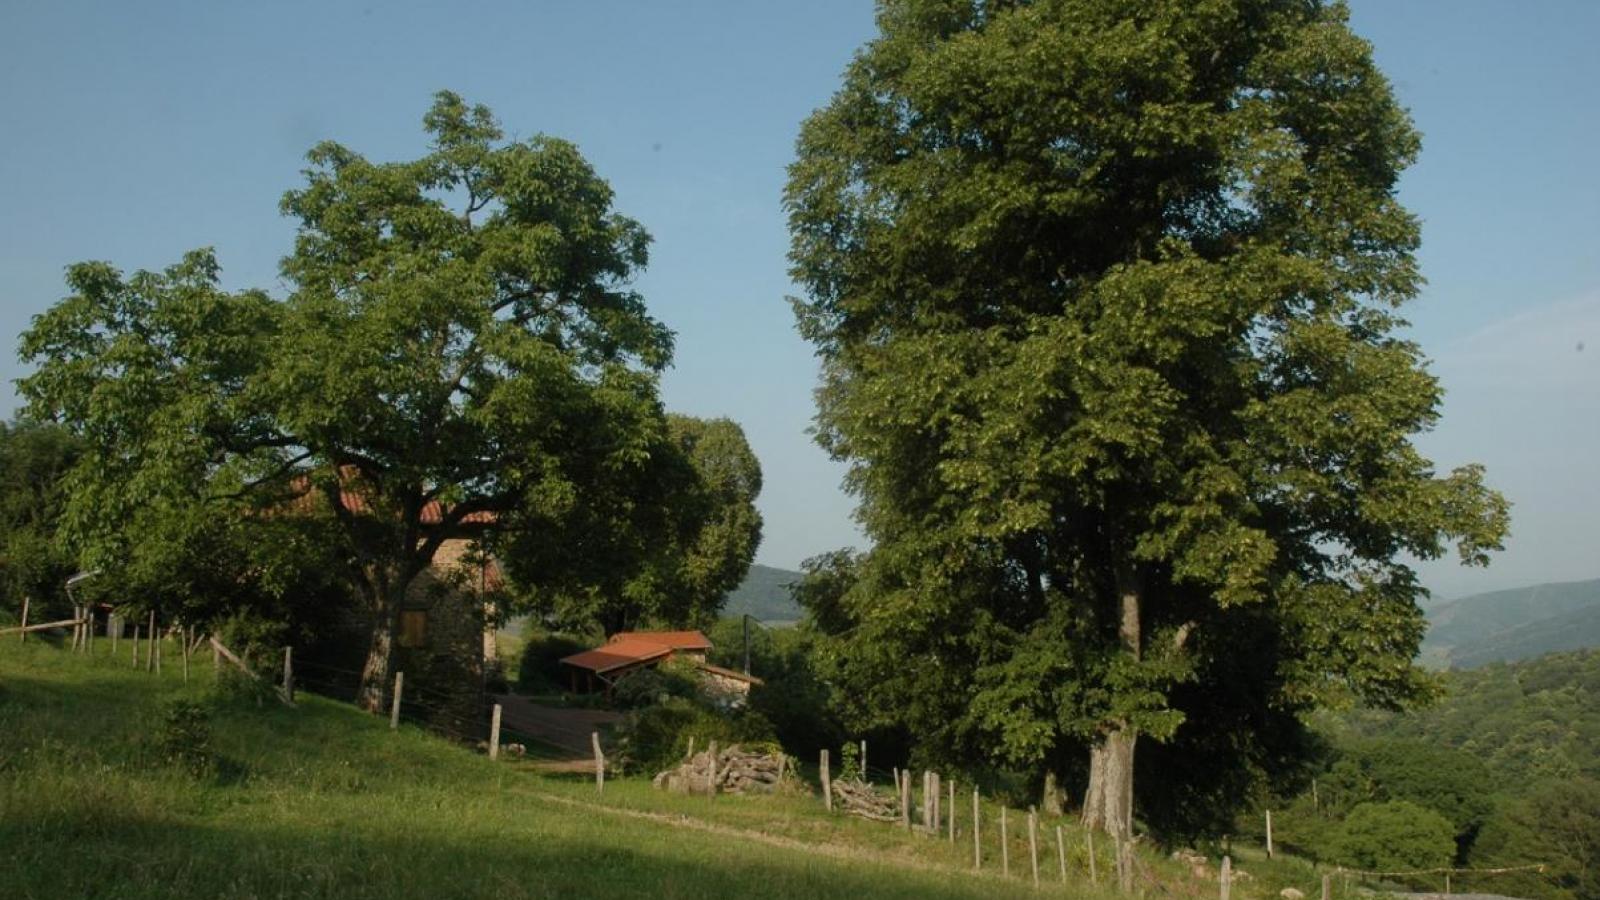 les Chambres d'Hôtes 'Les Fées du Fay' se situent en pleine nature - Beaujolais - Rhône.